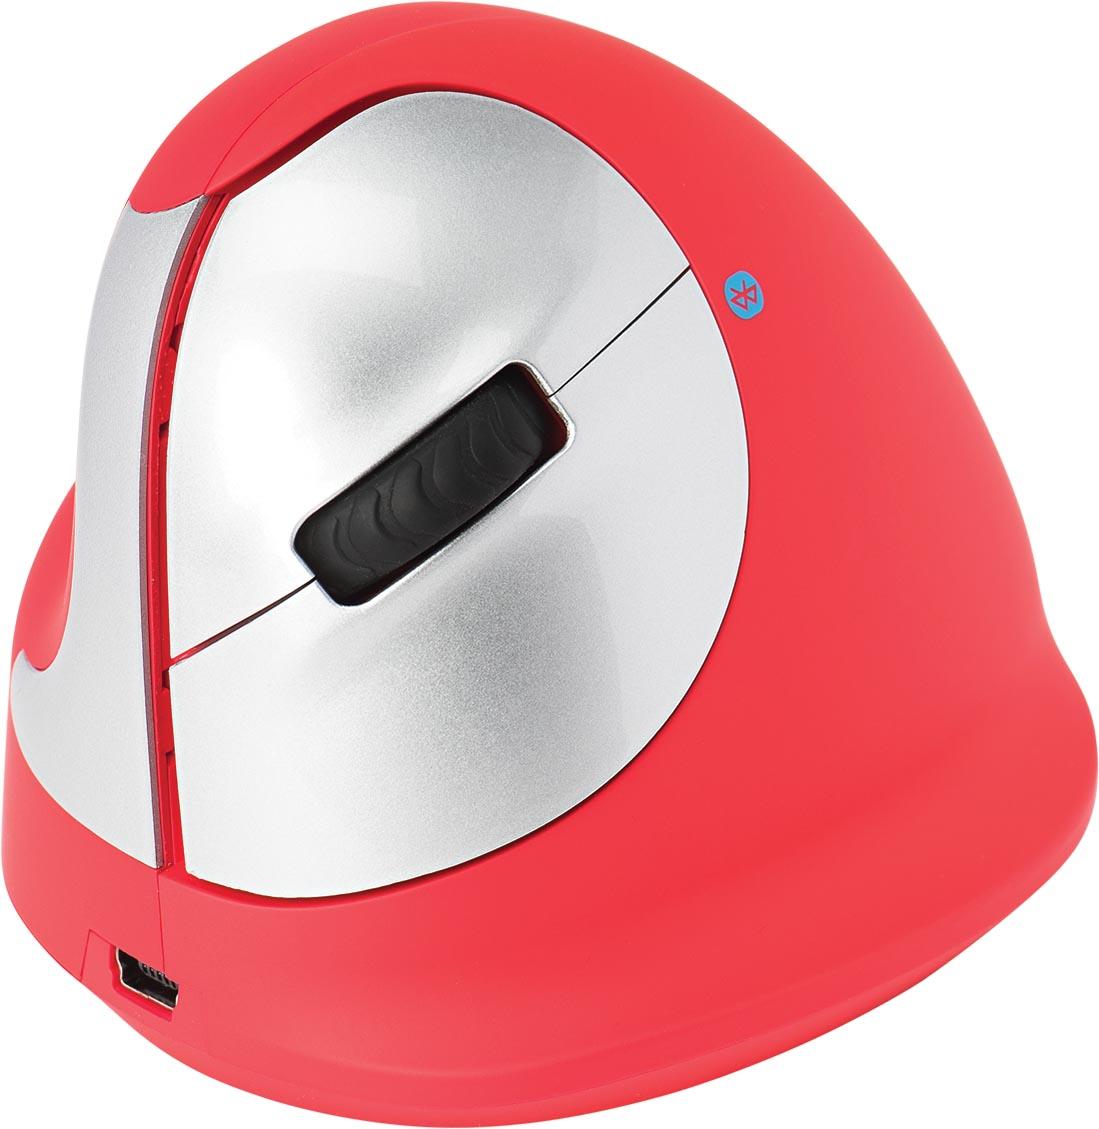 R-Go HE Sport ergonomische muis links, rood